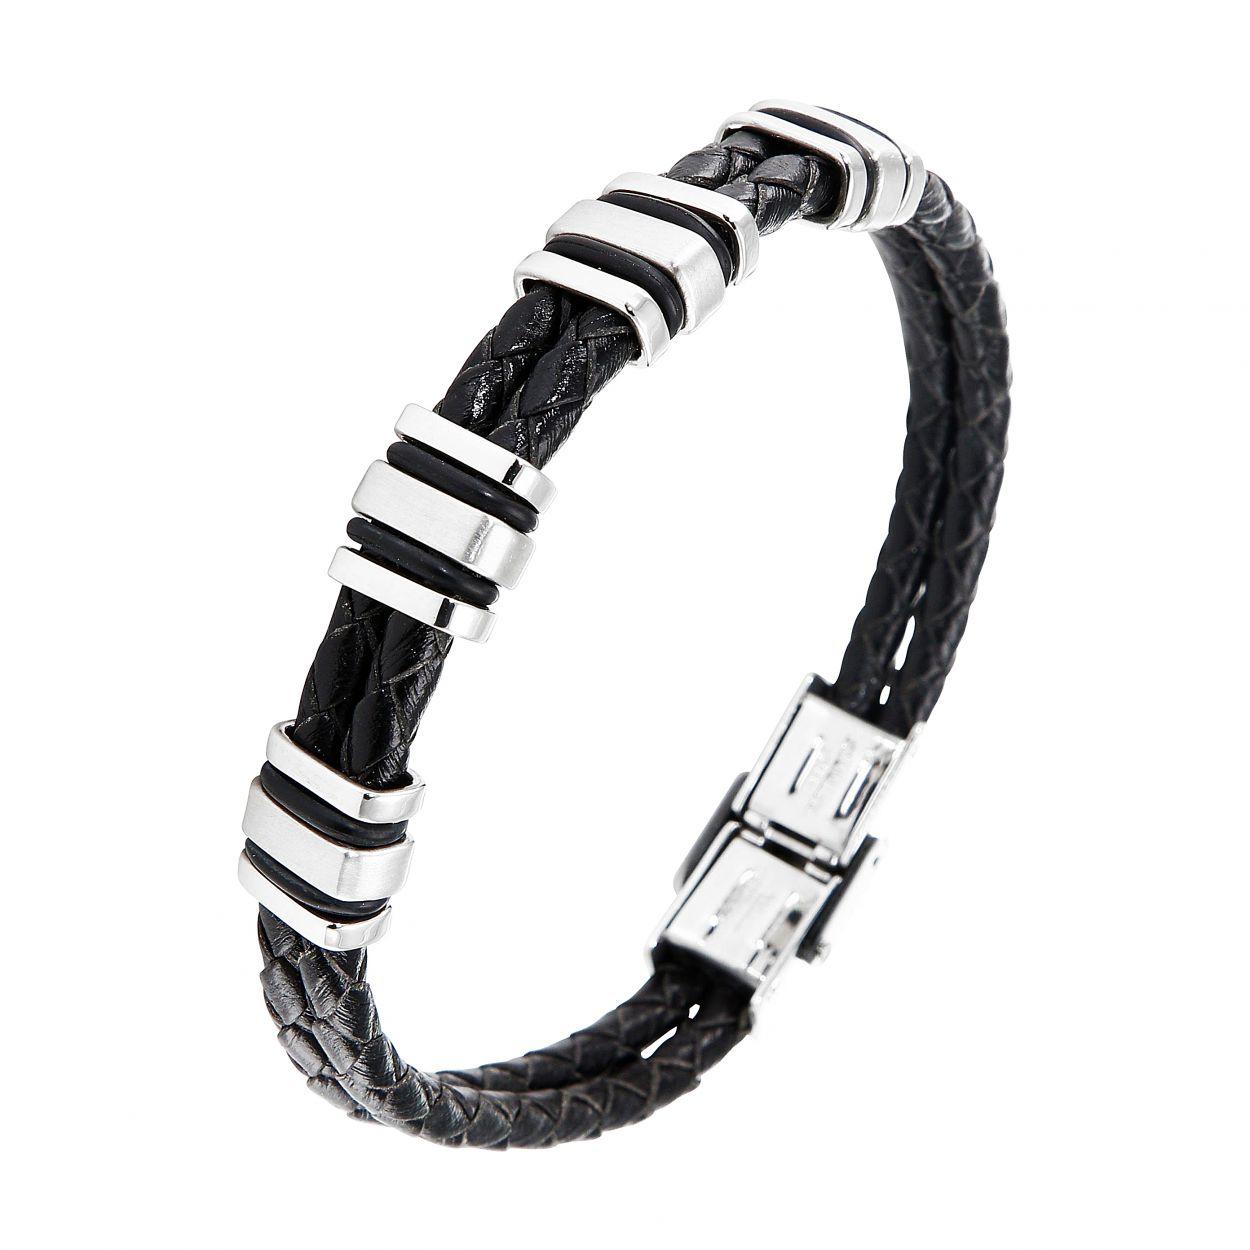 magasin en ligne 1dea4 a592f Bracelet homme cuir noir tressé, acier et caoutchouc 1,1x21 Ref. 47354 |  Bijouterie Trabbia Vuillermoz